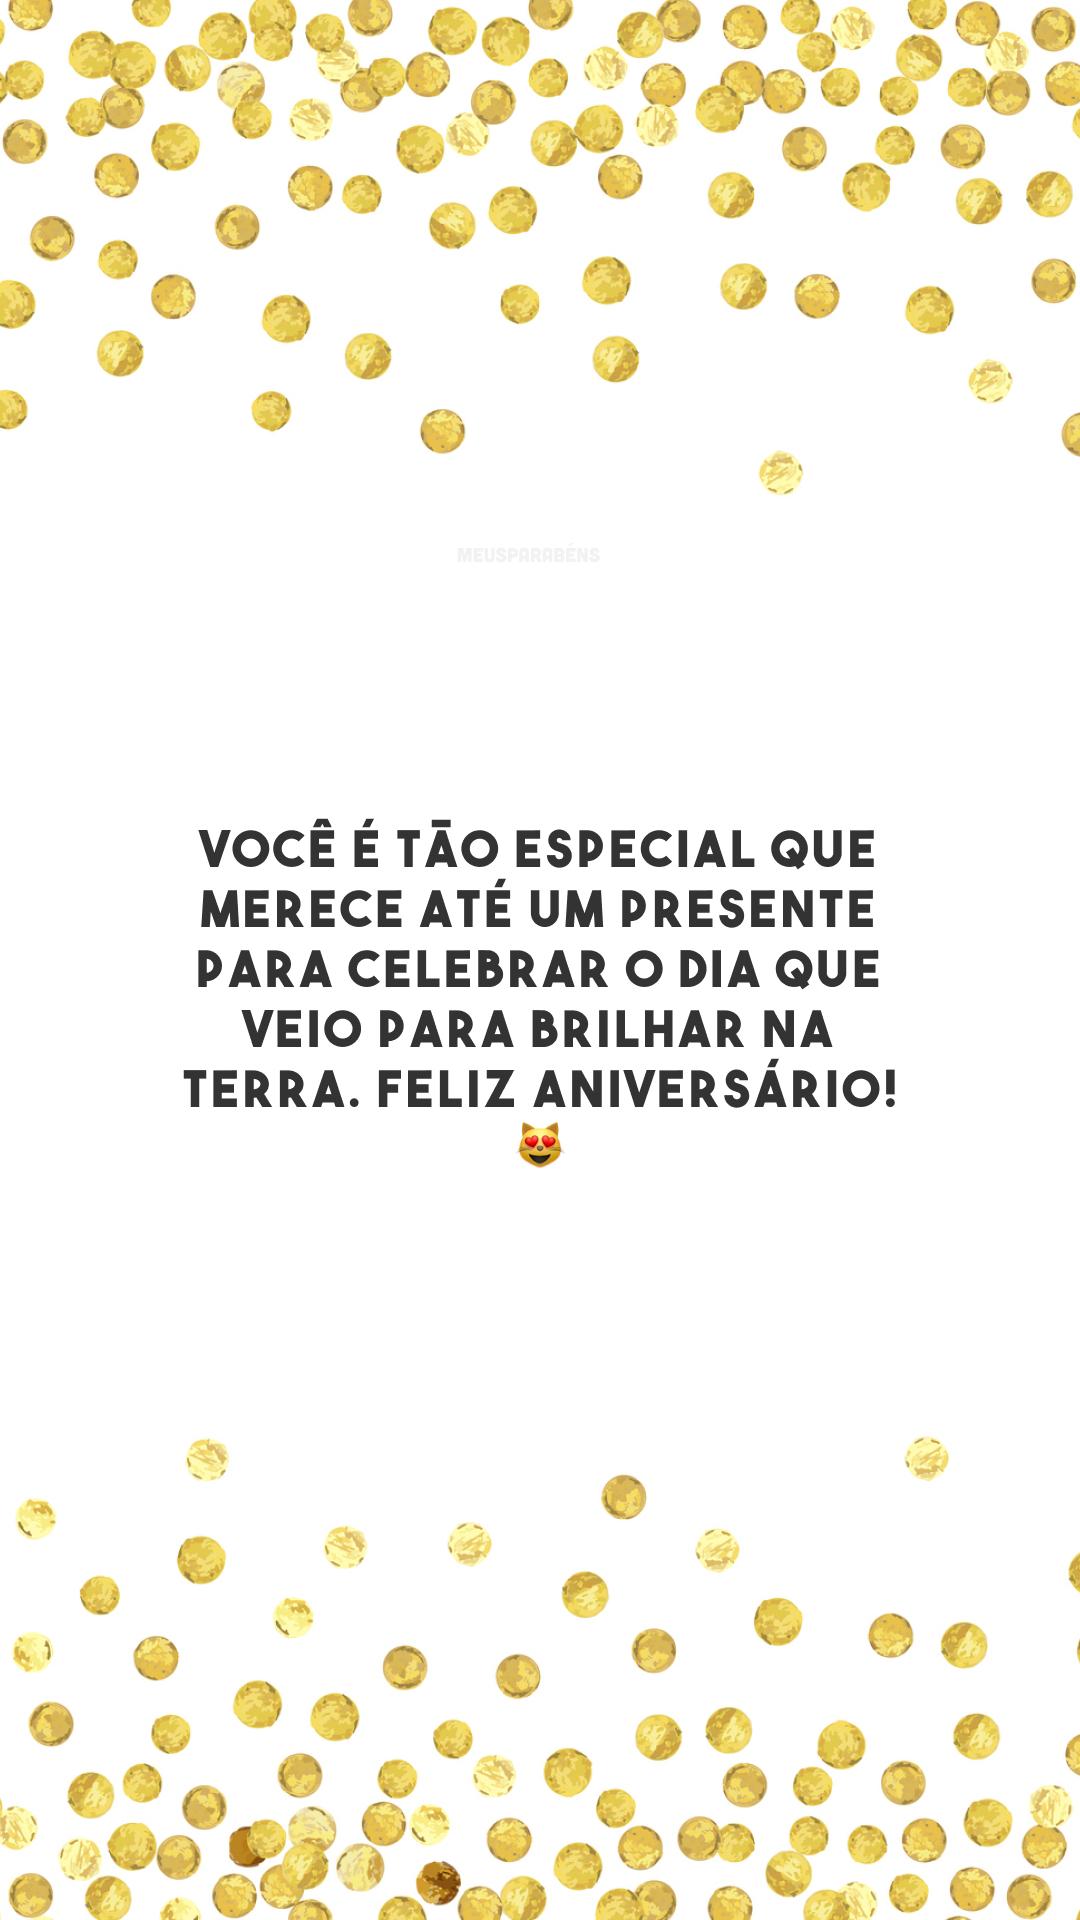 Você é tão especial que merece até um presente para celebrar o dia que veio para brilhar na terra. Feliz aniversário!😻